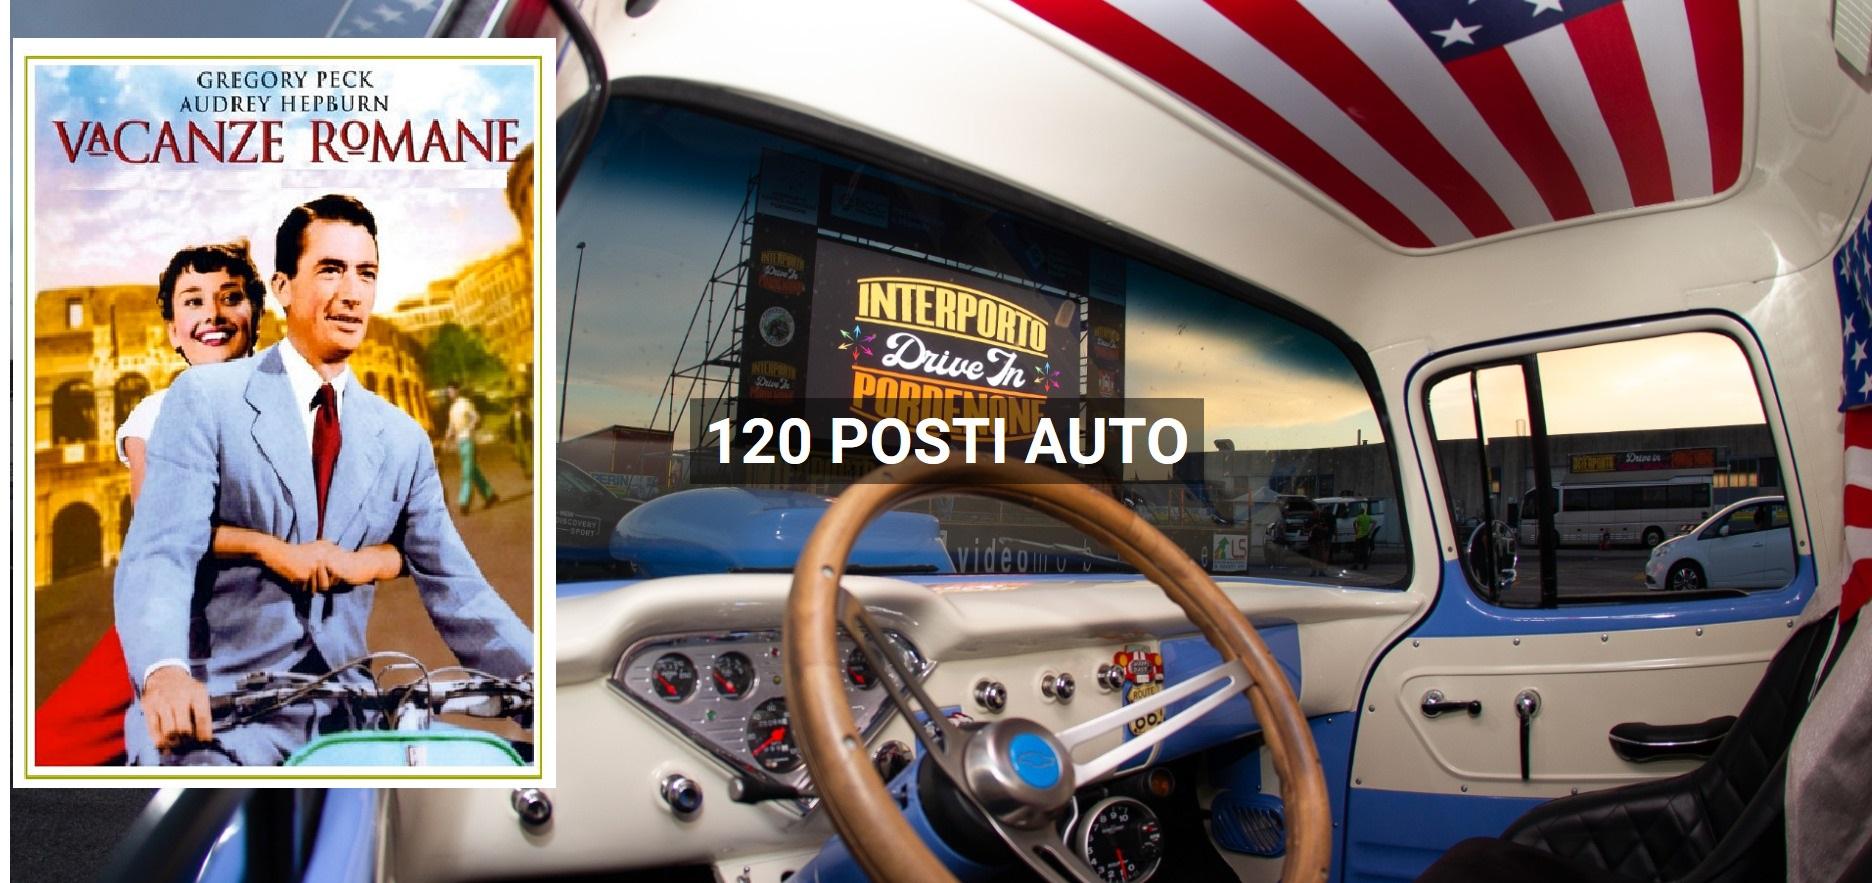 DRIVE IN a PORDENONE        30 AGOSTO 2020